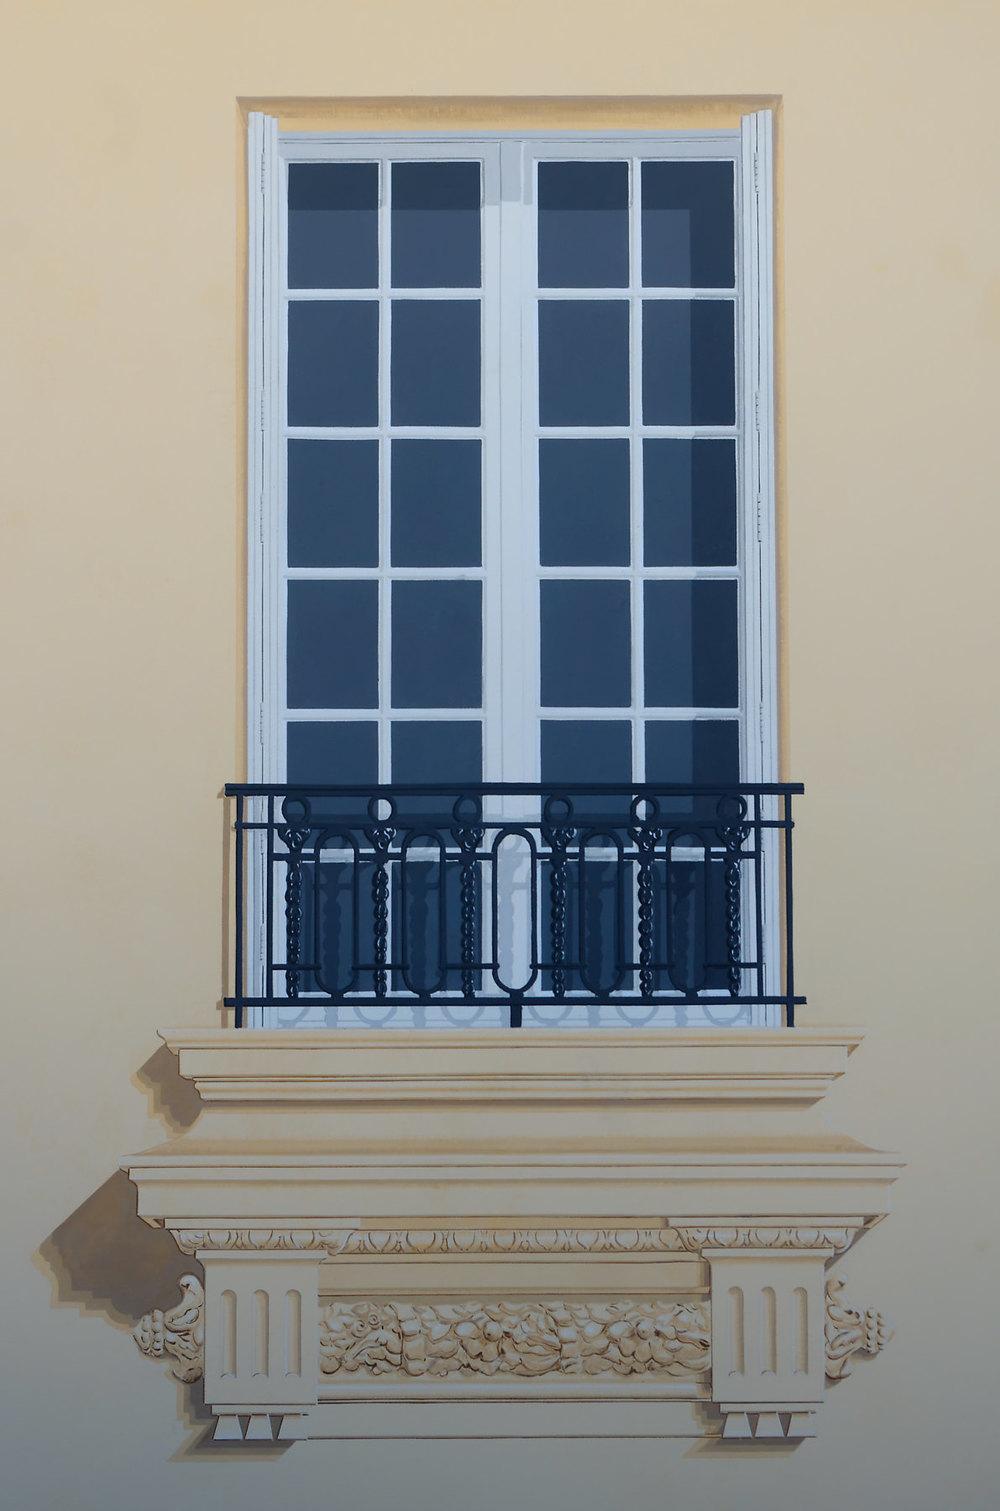 tableau trompe l oeil fenetre peinture trompe l oeil cheval trompe loeil peinture sur mains. Black Bedroom Furniture Sets. Home Design Ideas